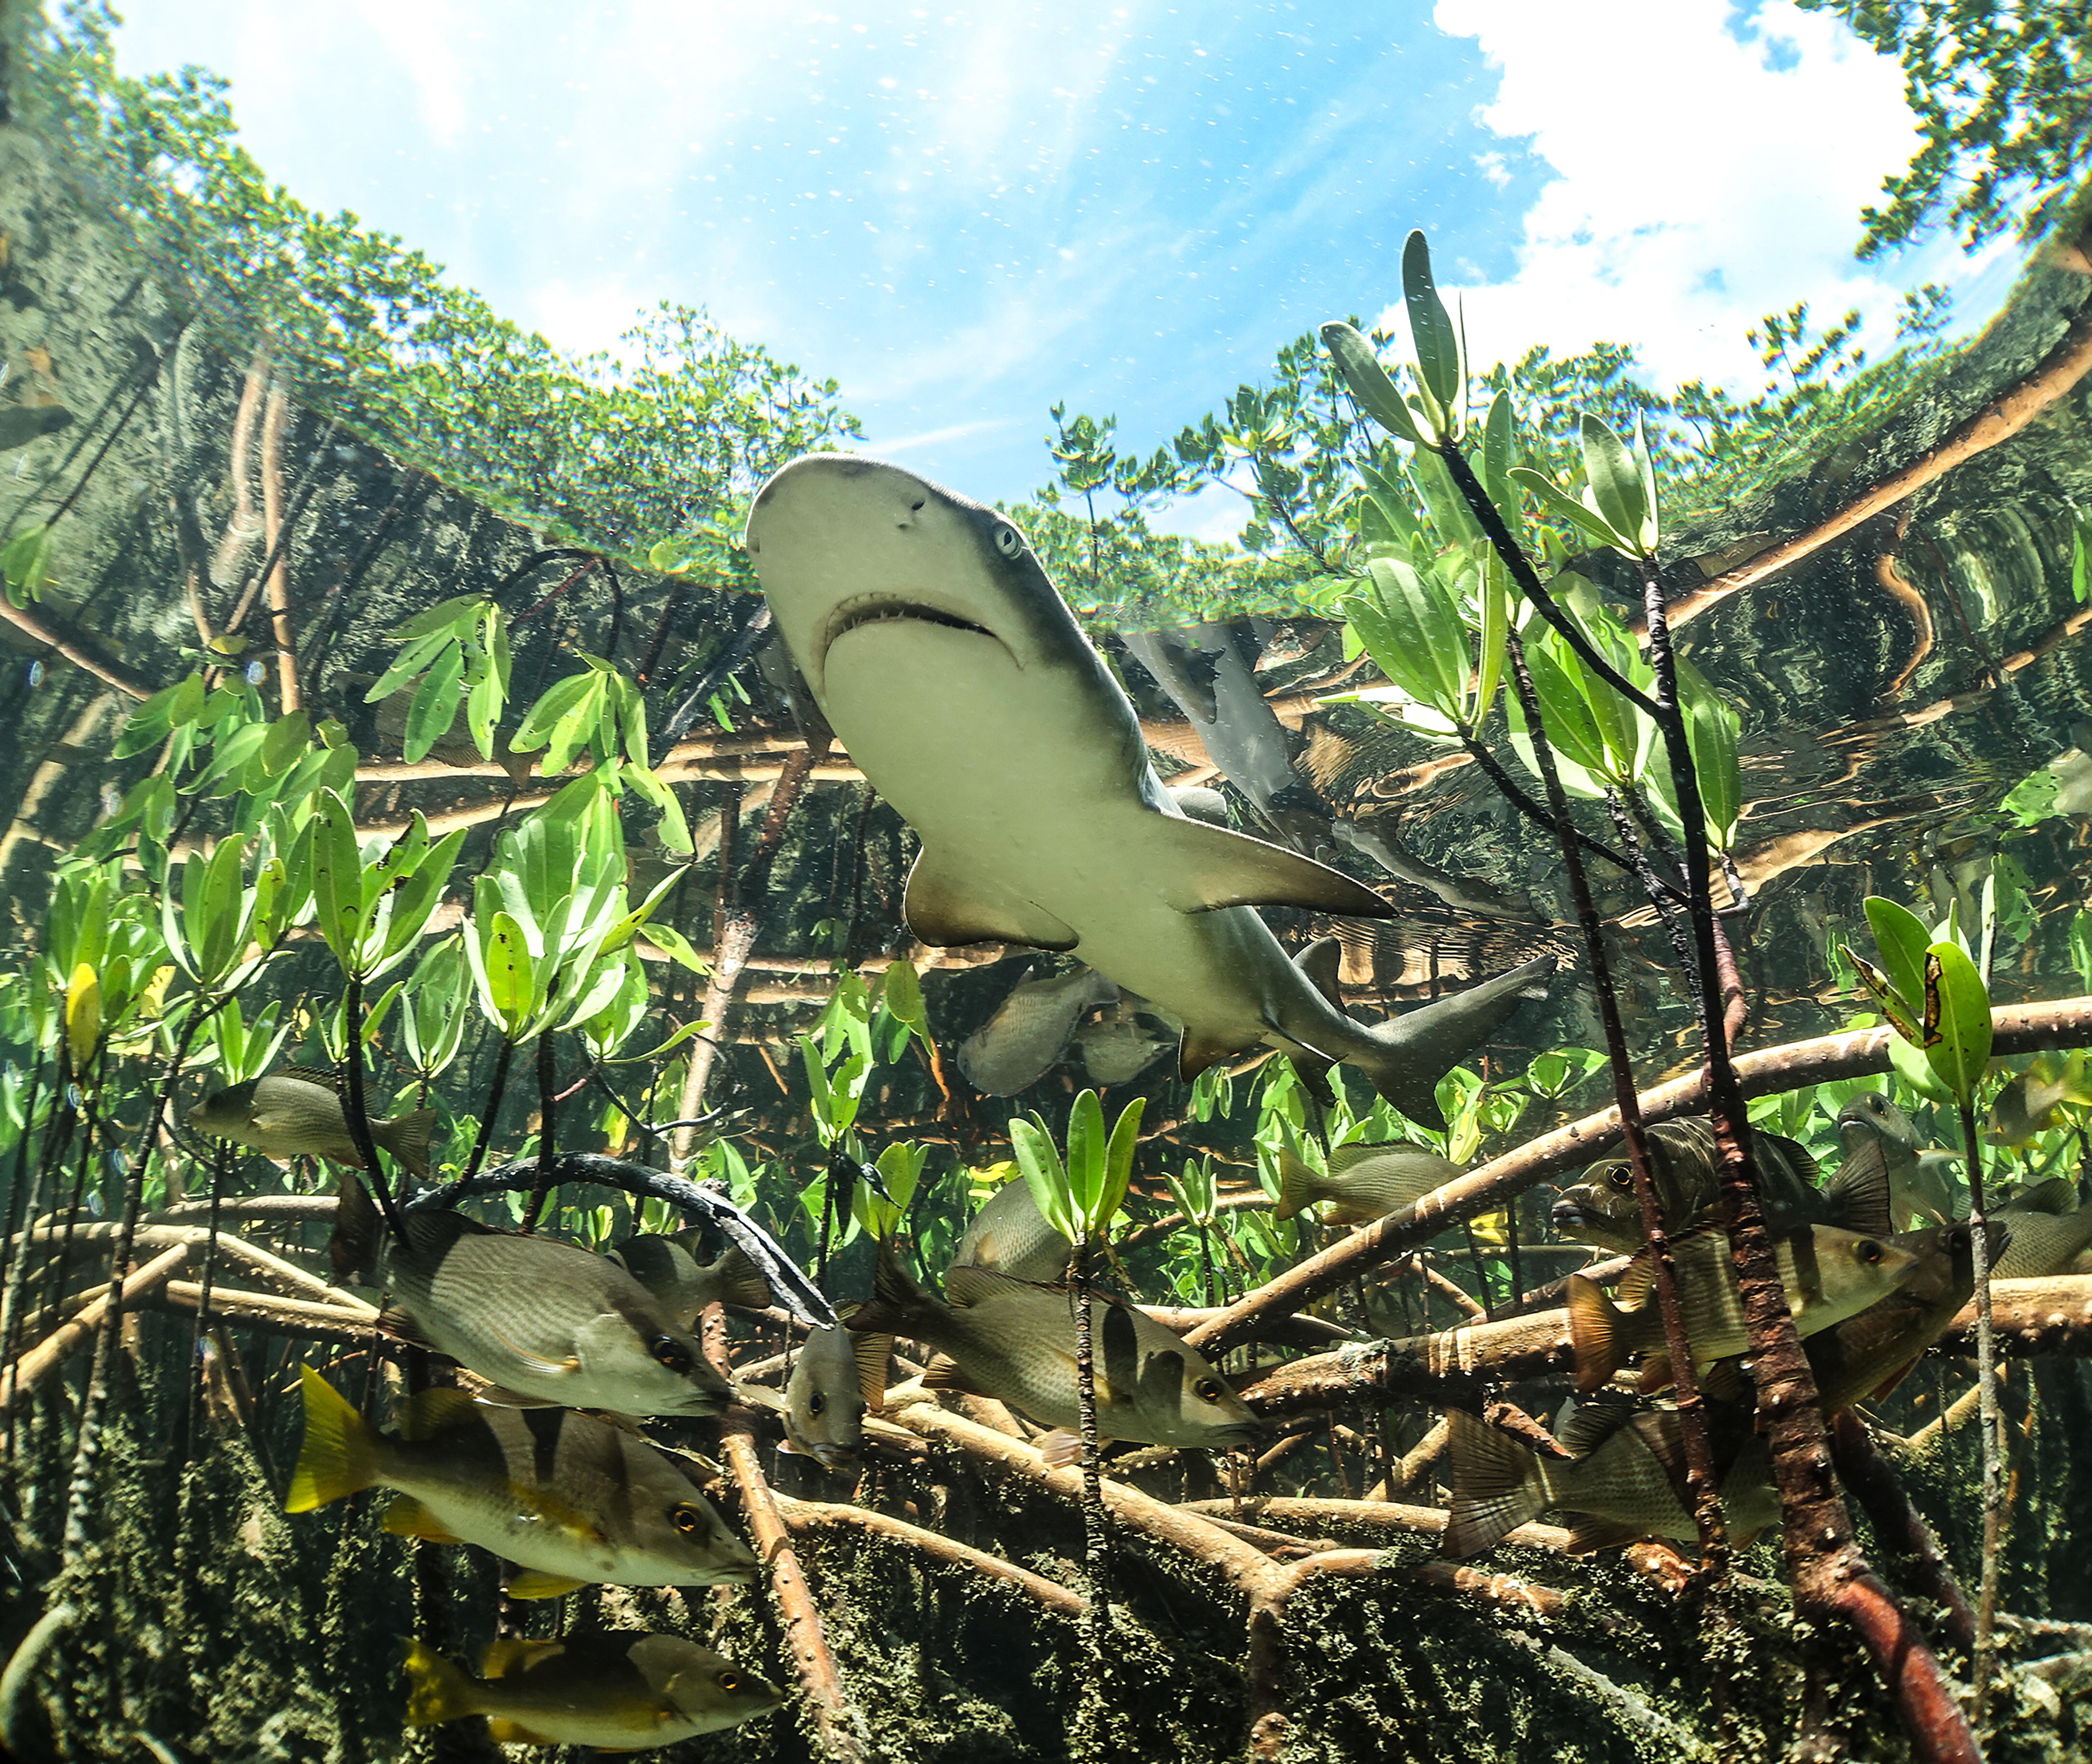 Lemon Shark in Mangroves